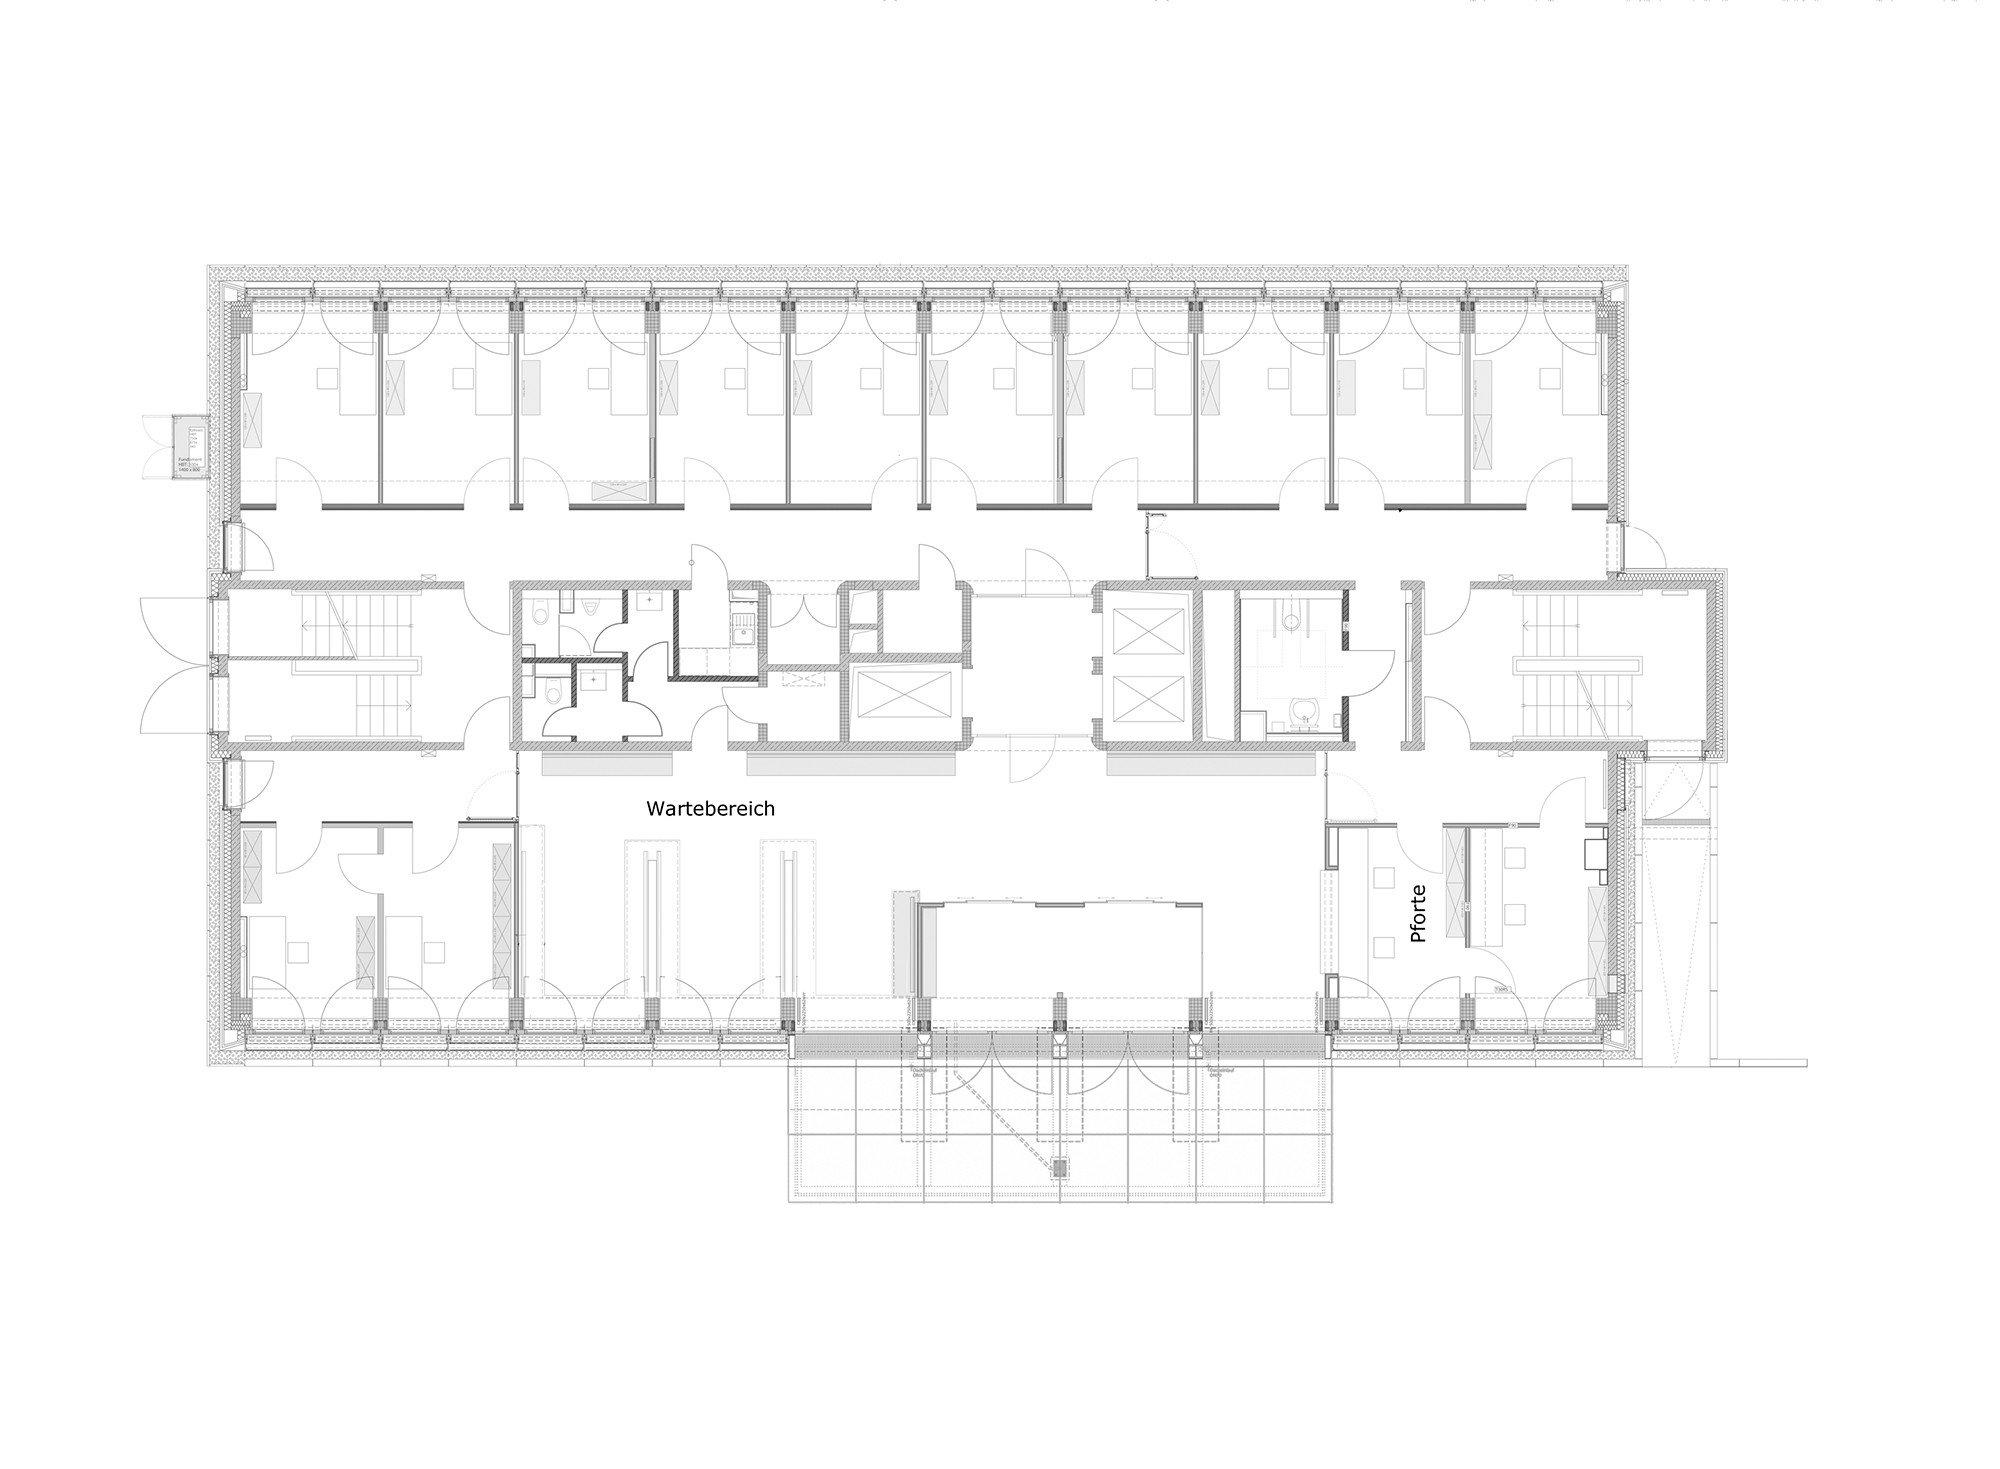 finanzamt in kiel geb udetechnik b ro verwaltung baunetz wissen. Black Bedroom Furniture Sets. Home Design Ideas